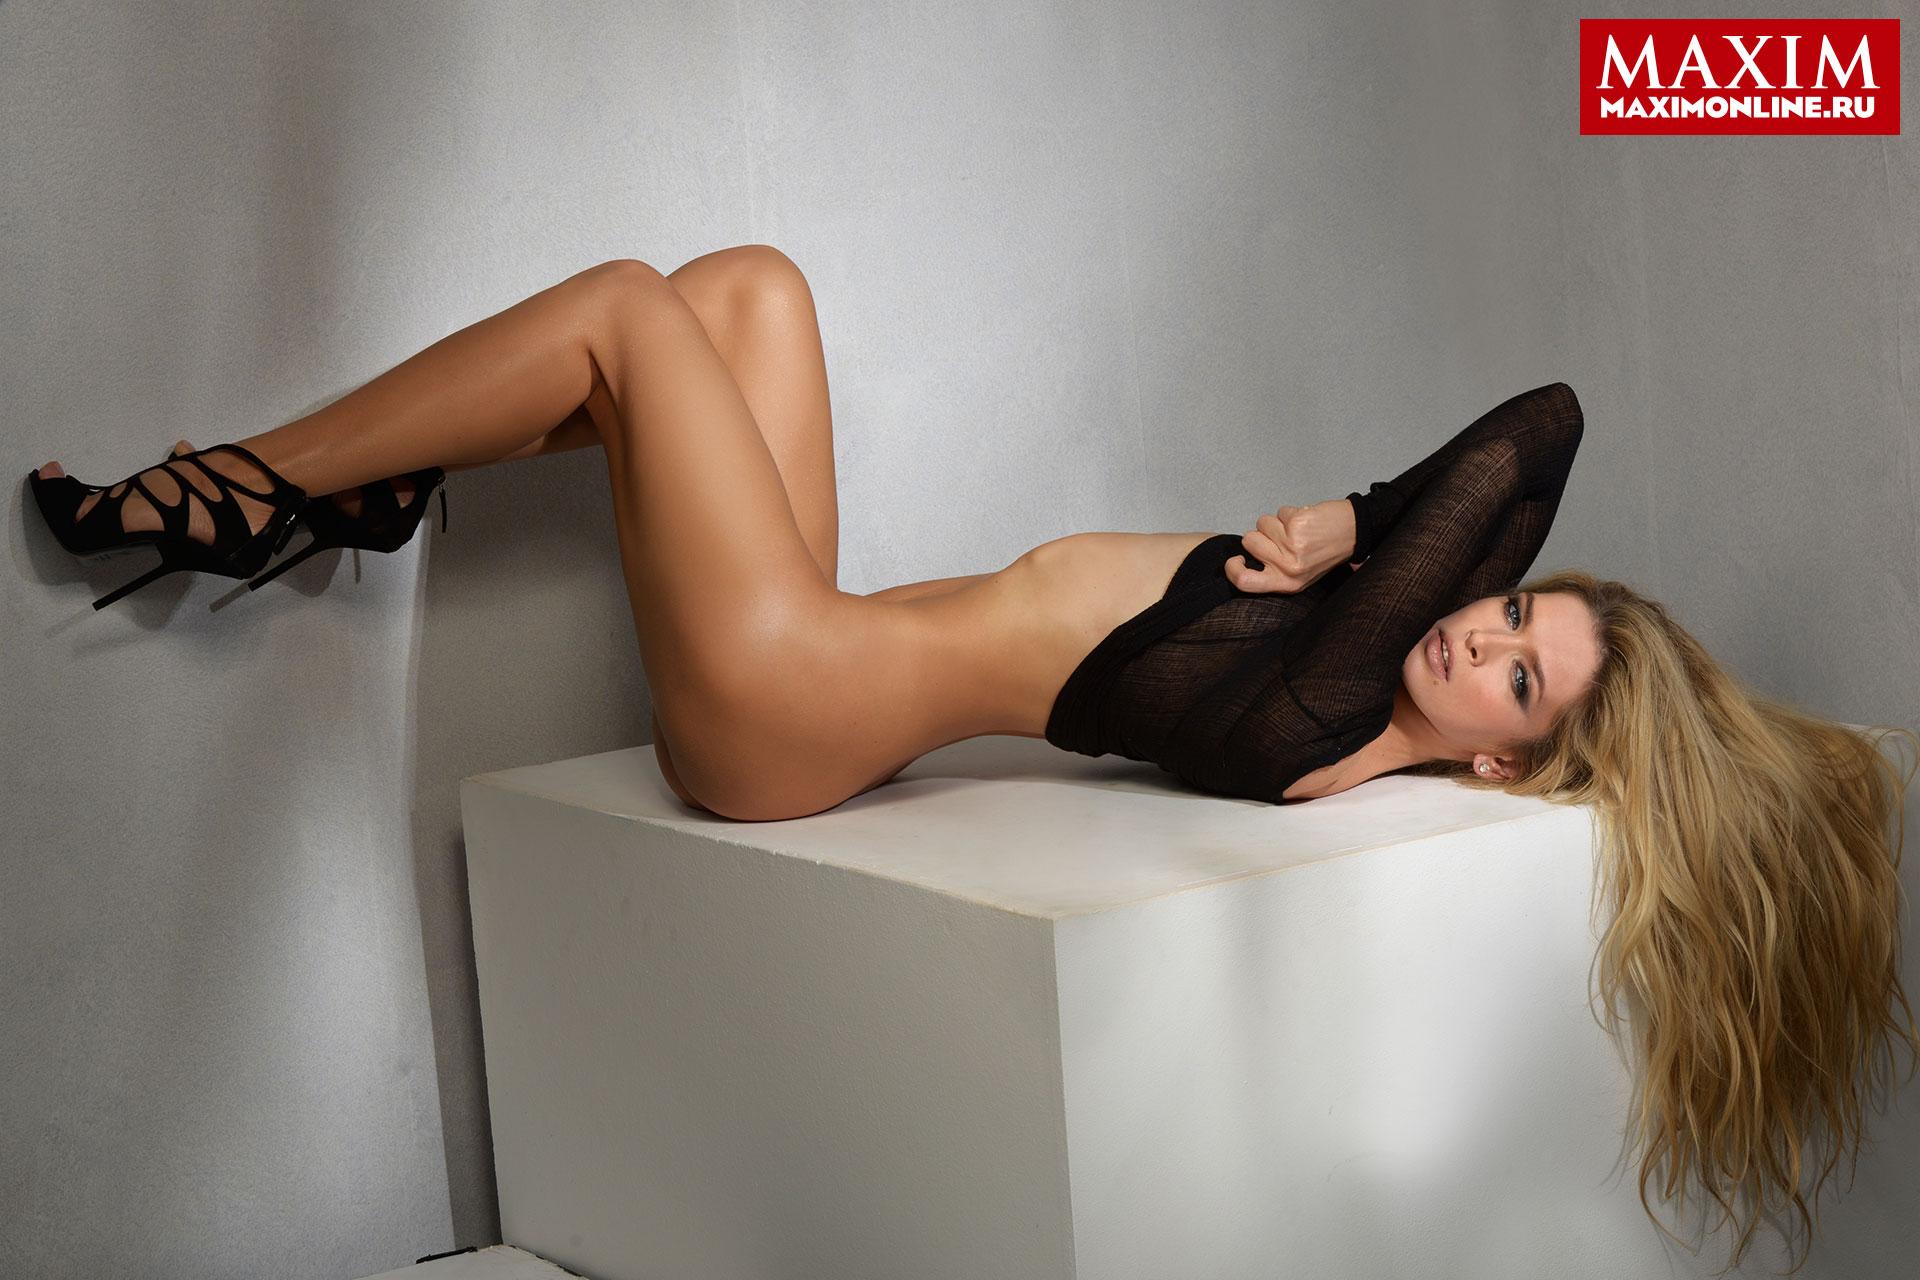 Самоє популярноє порно 7 фотография